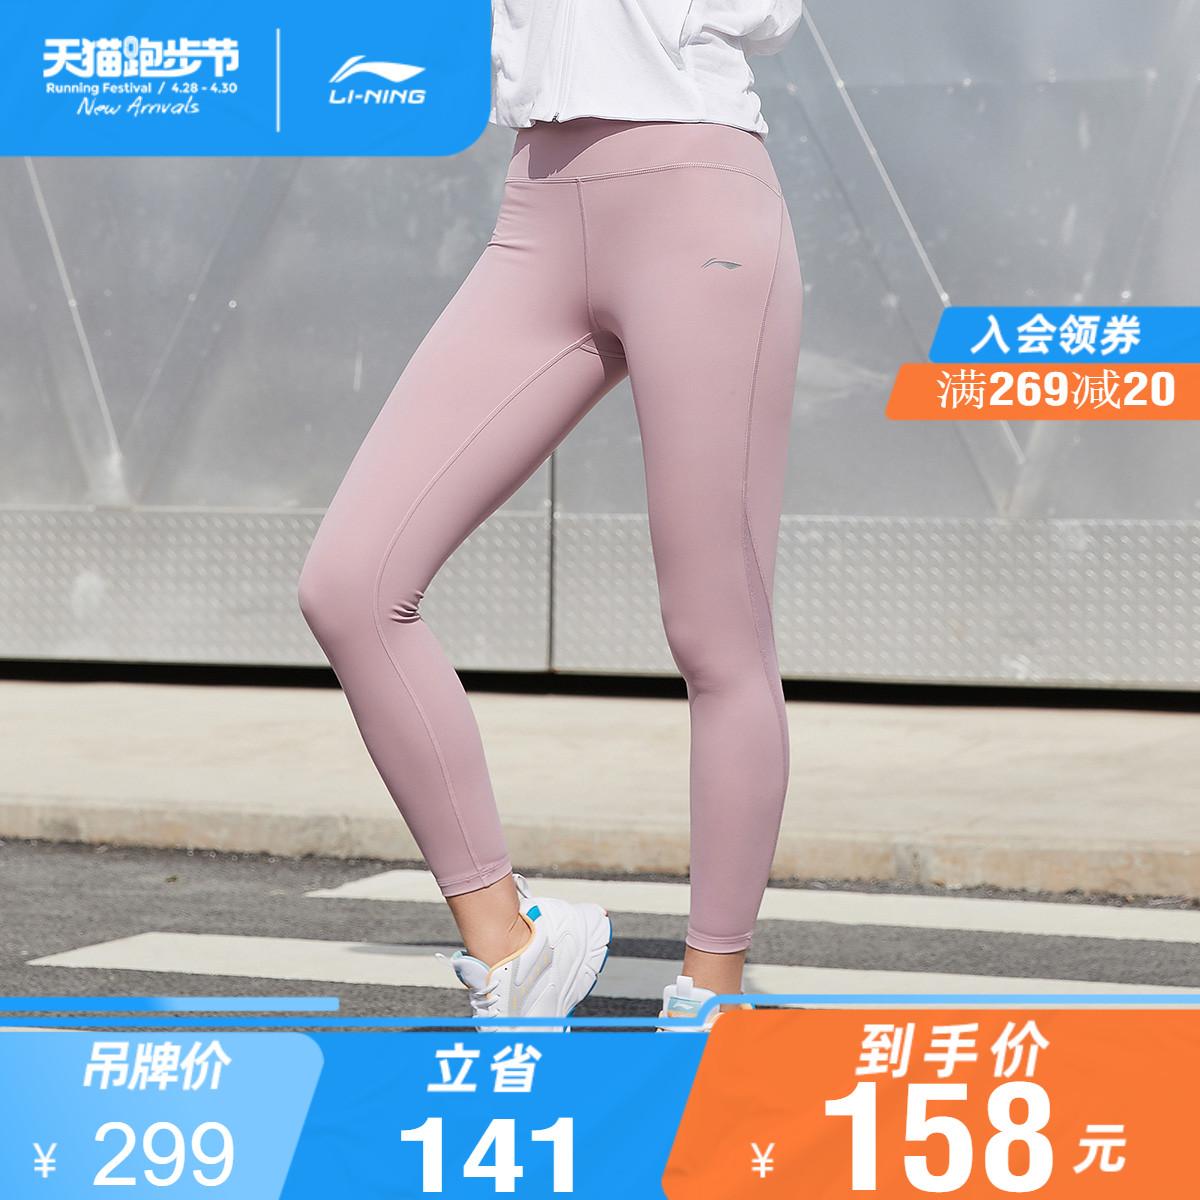 李宁健身裤女士训练系列2020新款弹力裤子女装紧身针织运动长裤